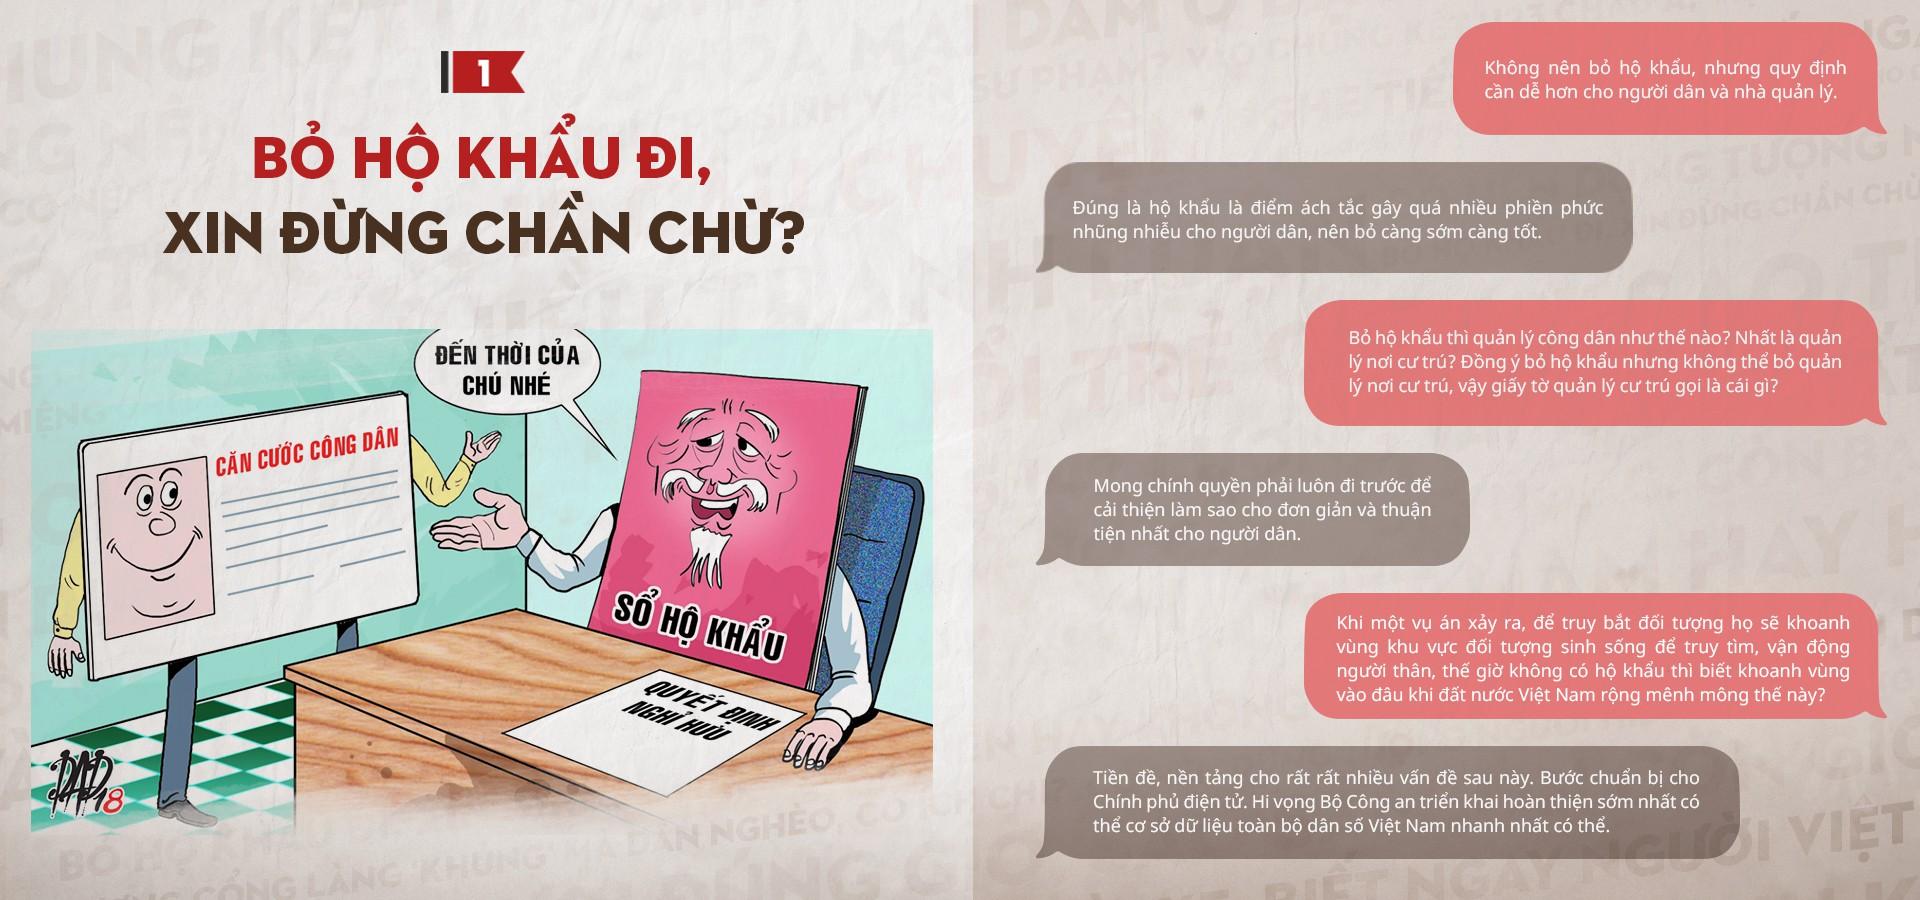 10 câu chuyện bạn đọc Tuổi Trẻ Online tranh luận sôi nổi năm Đinh Dậu - Ảnh 1.